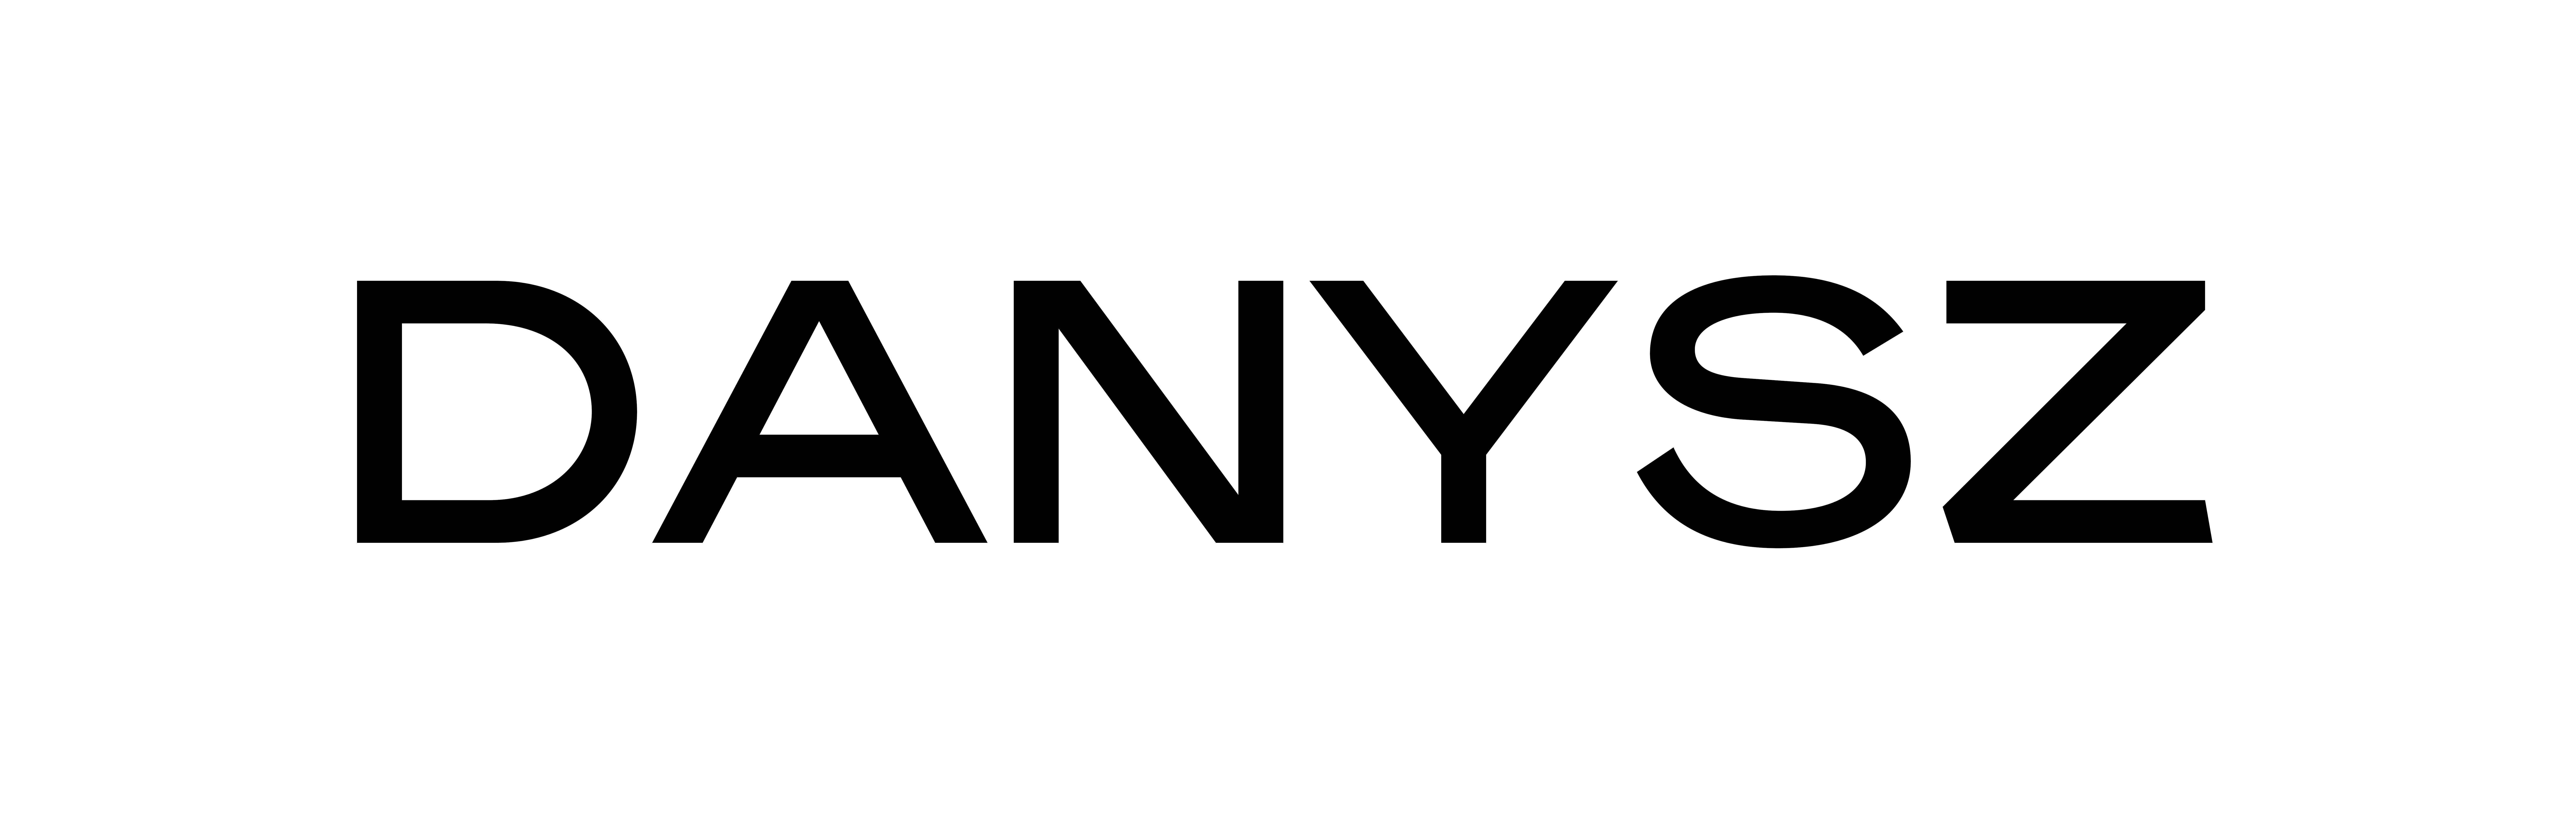 DANYSZ company logo